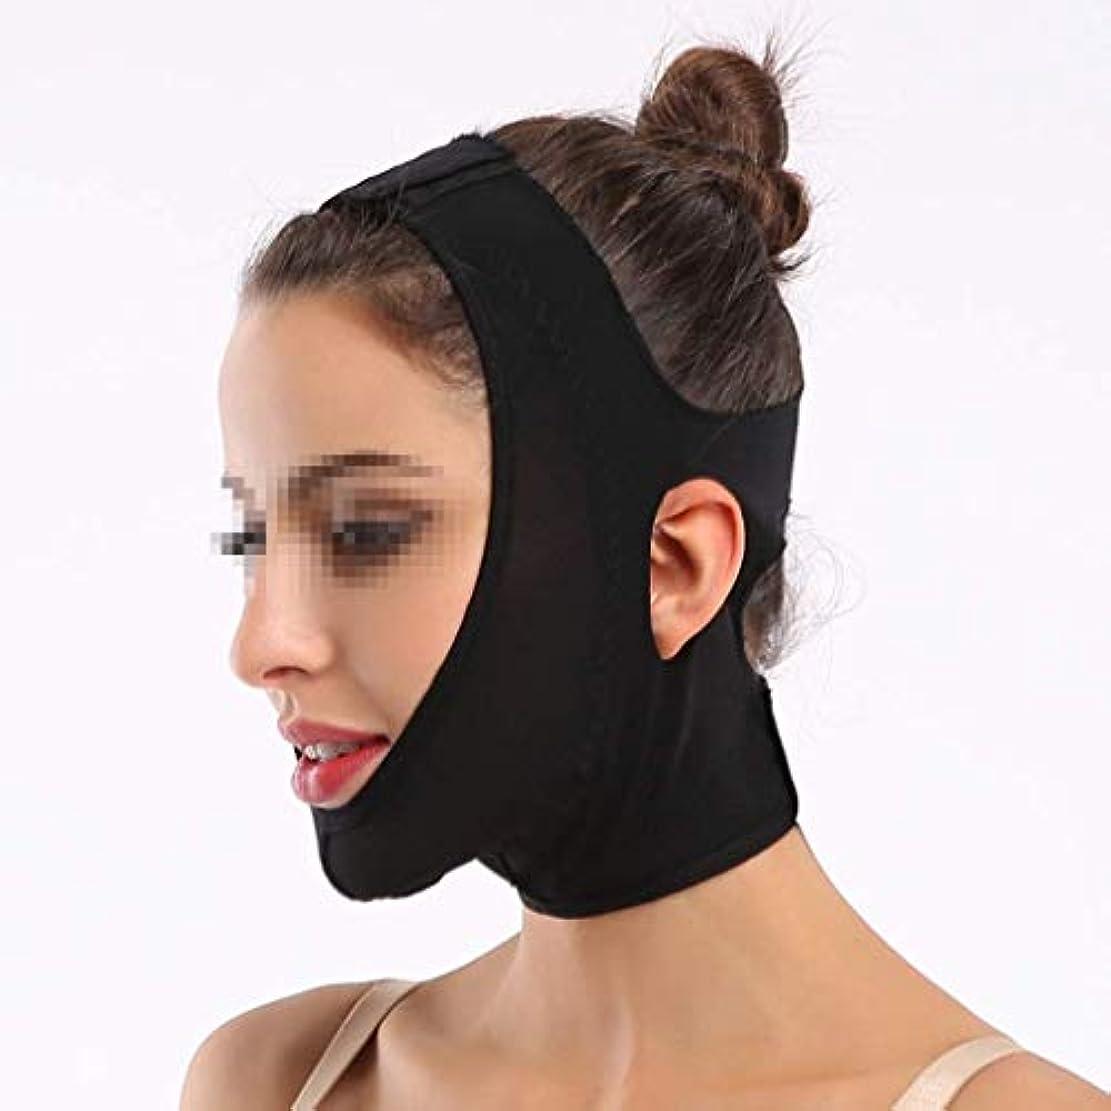 不一致信者天Vフェイスマスク、包帯マスクを持ち上げて引き締めるスキニービューティーサロン1日2時間Vフェイスマッサージ術後回復